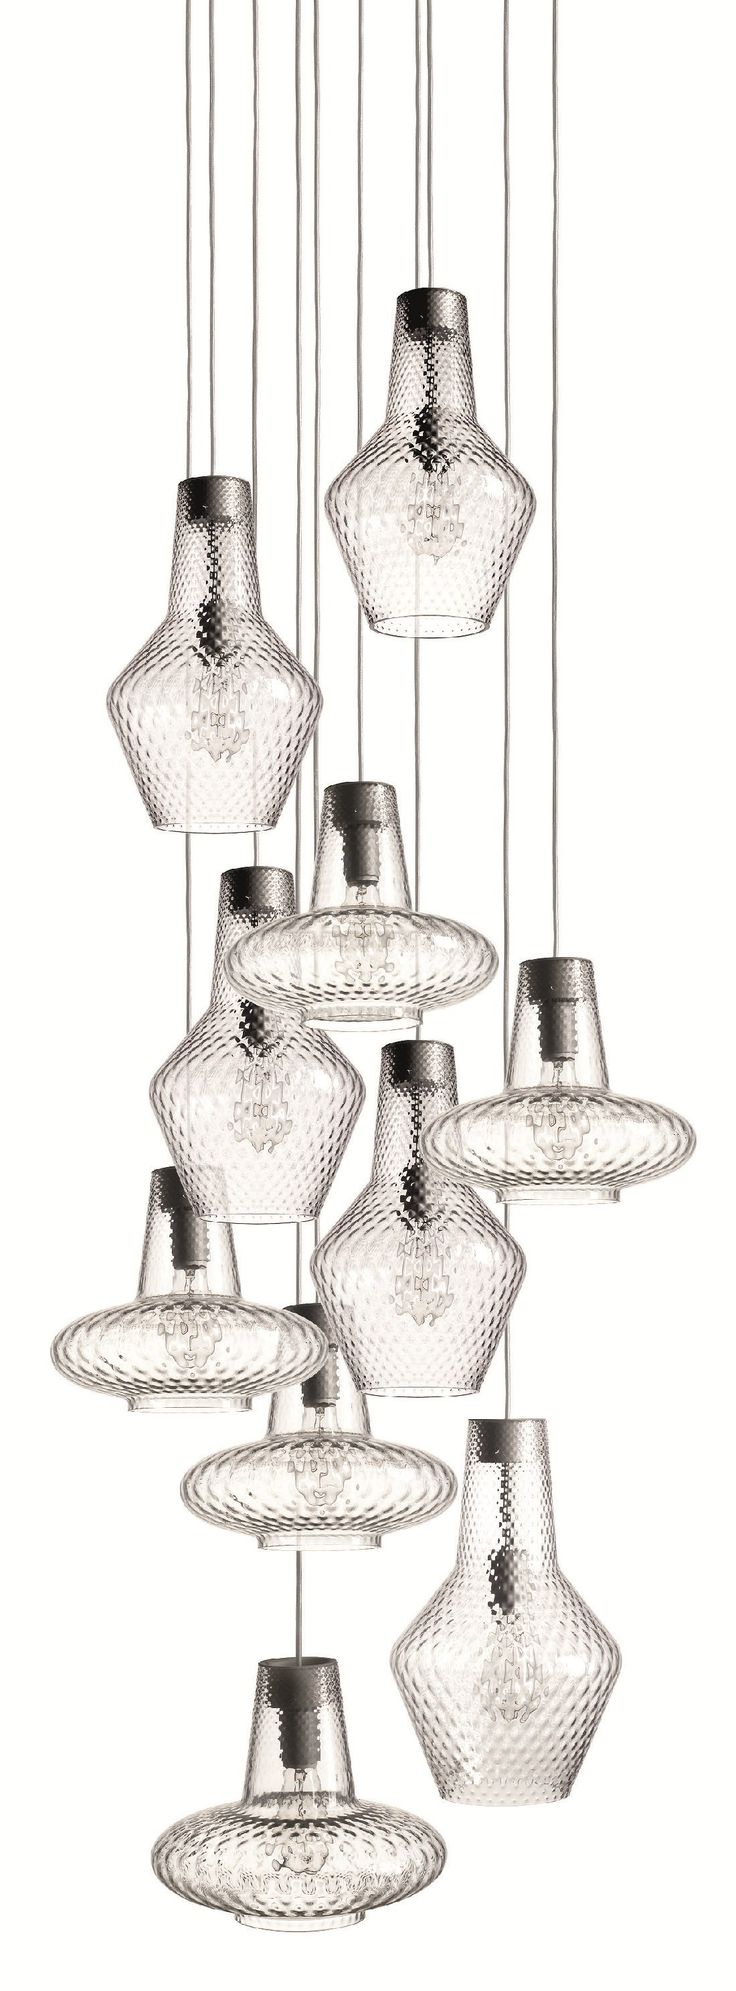 ROMEO E GIULIETTA LAMP | Blown glass pendant lamp ROMEO E GIULIETTA…